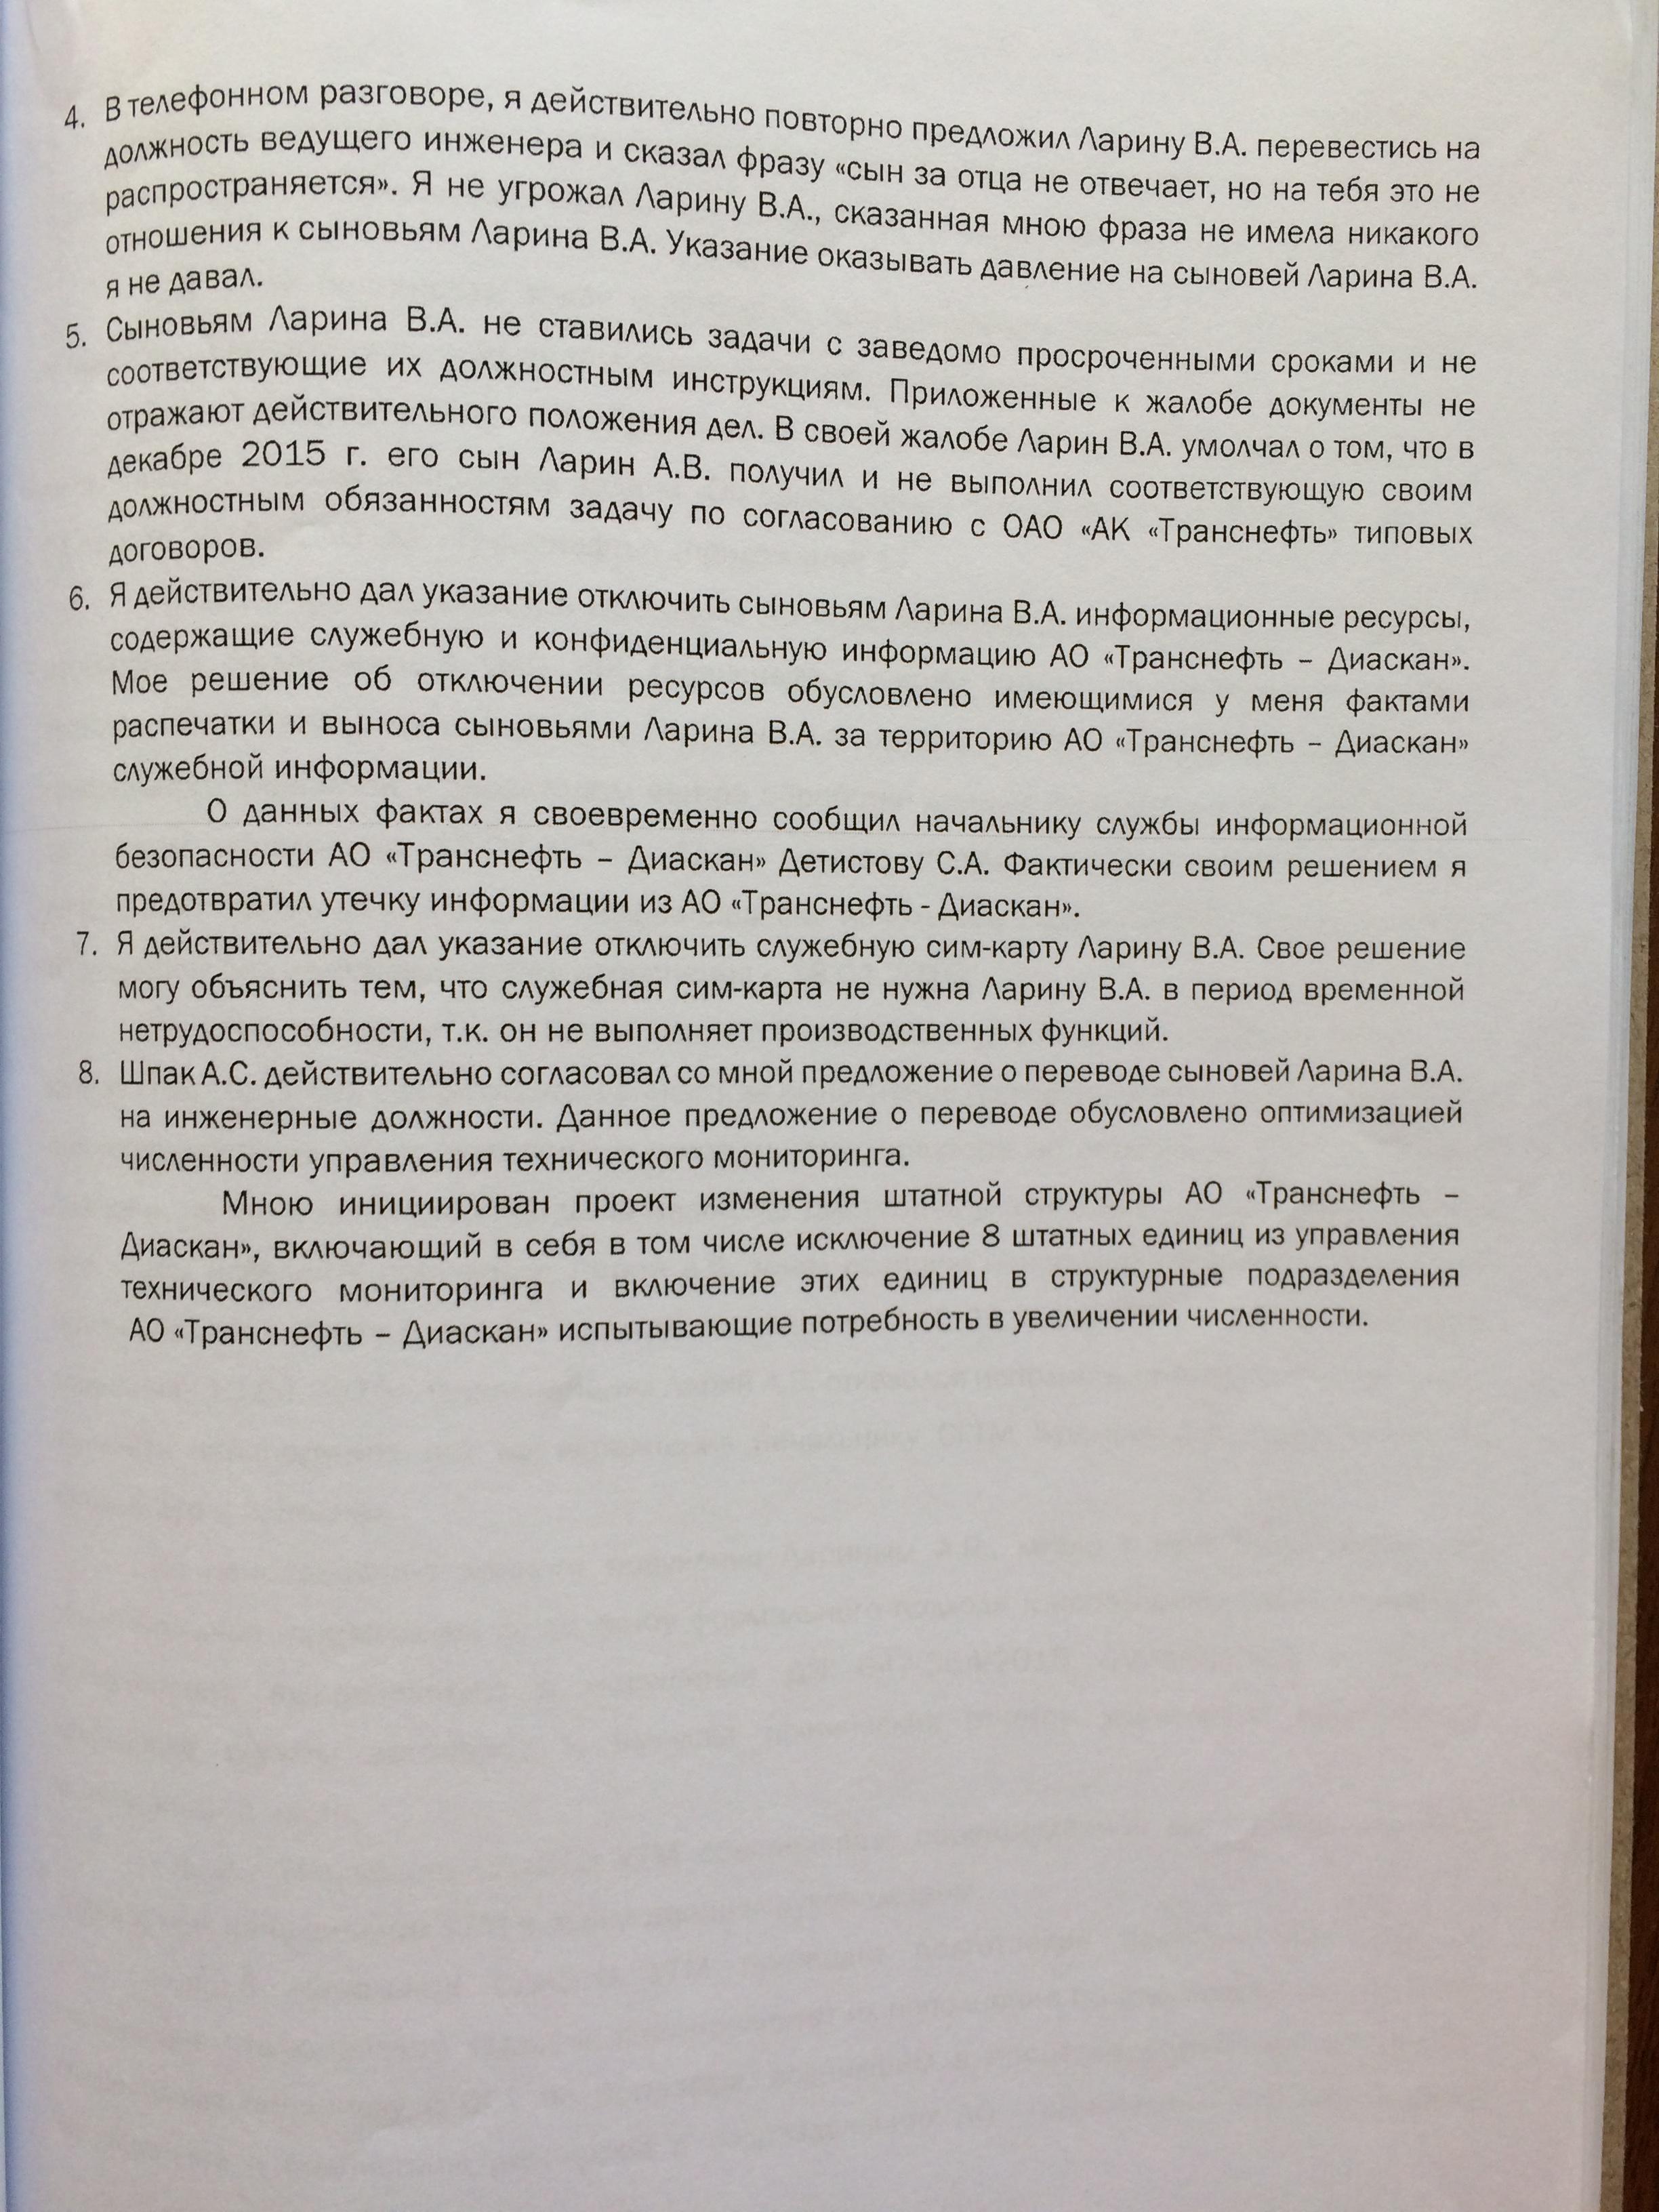 Фото документов проверки Луховицкой городской прокуратурой - 82 (5)